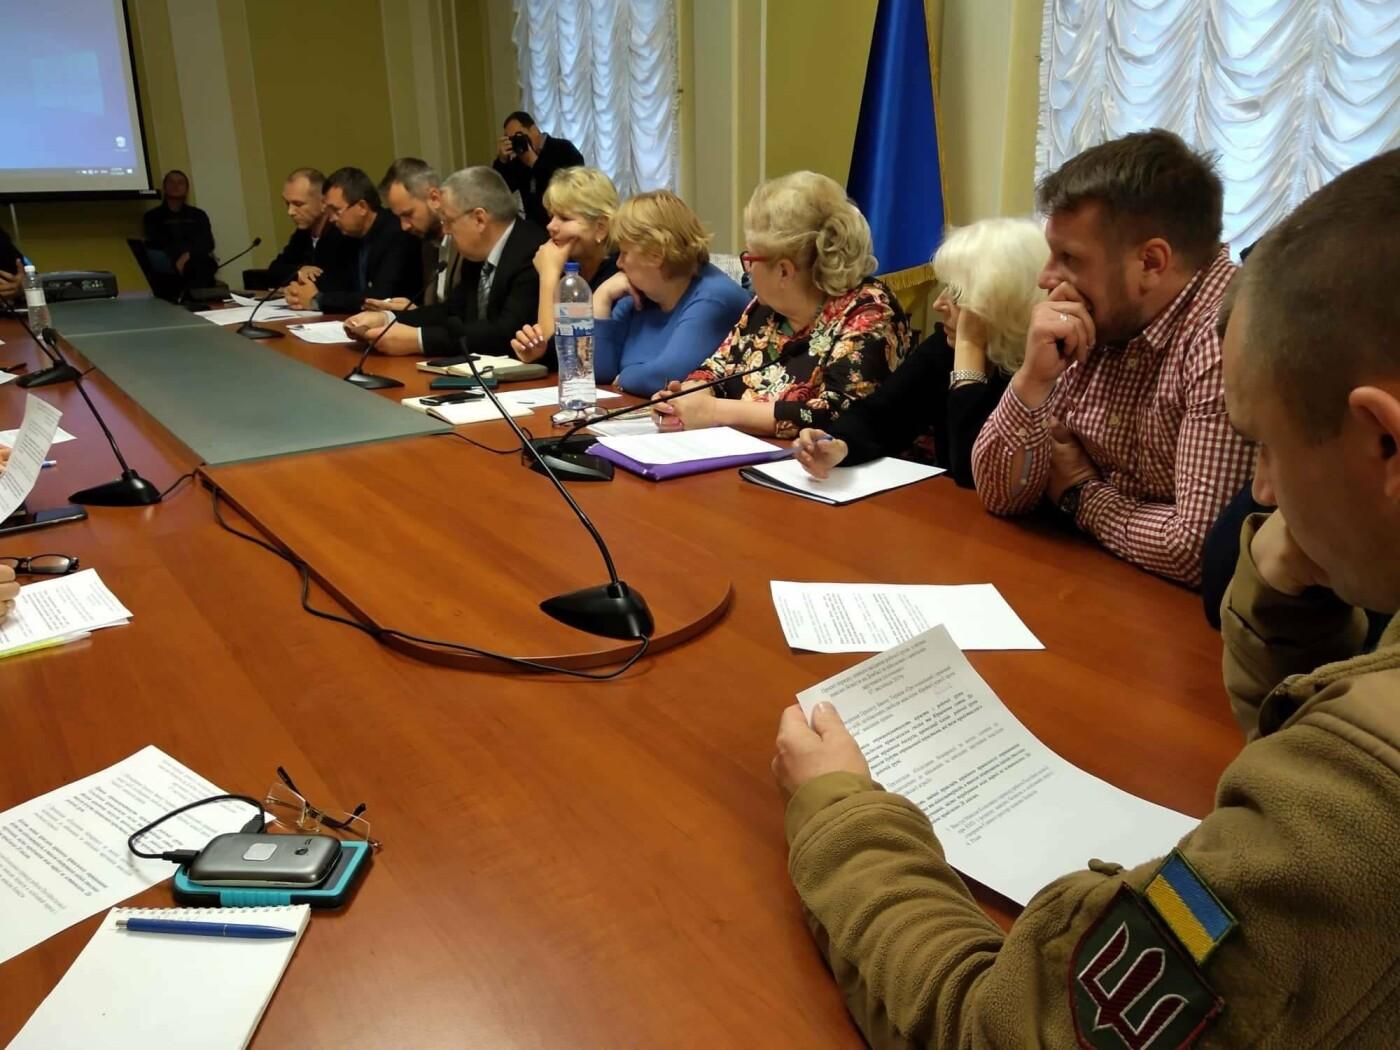 Криворожане обсуждали в Киеве законопроект о защите пленных и пропавших без вести, - ФОТО, фото-4